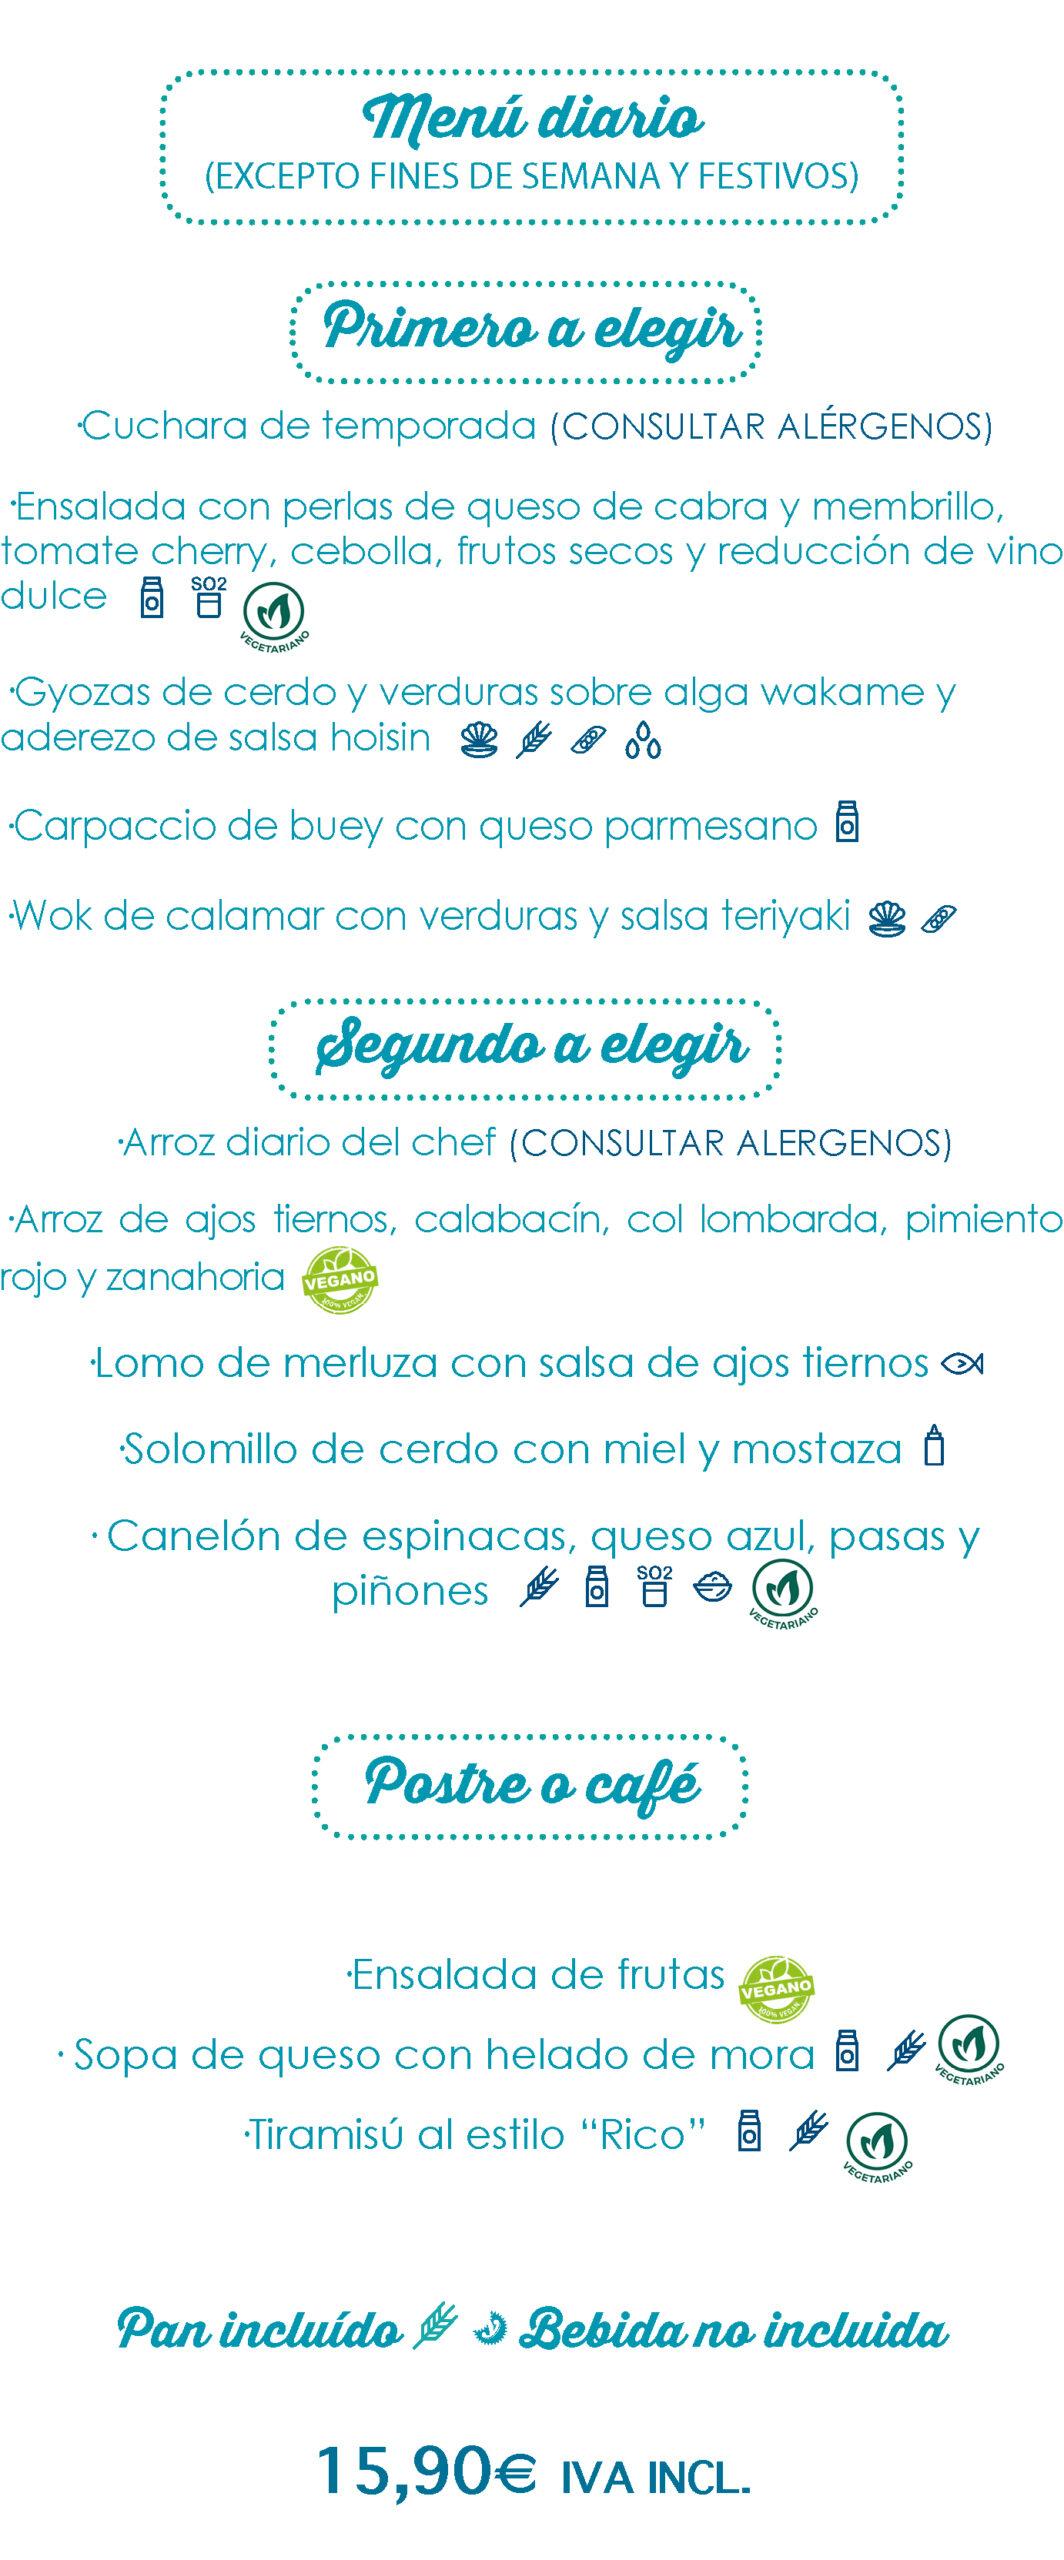 menu diario mayo web